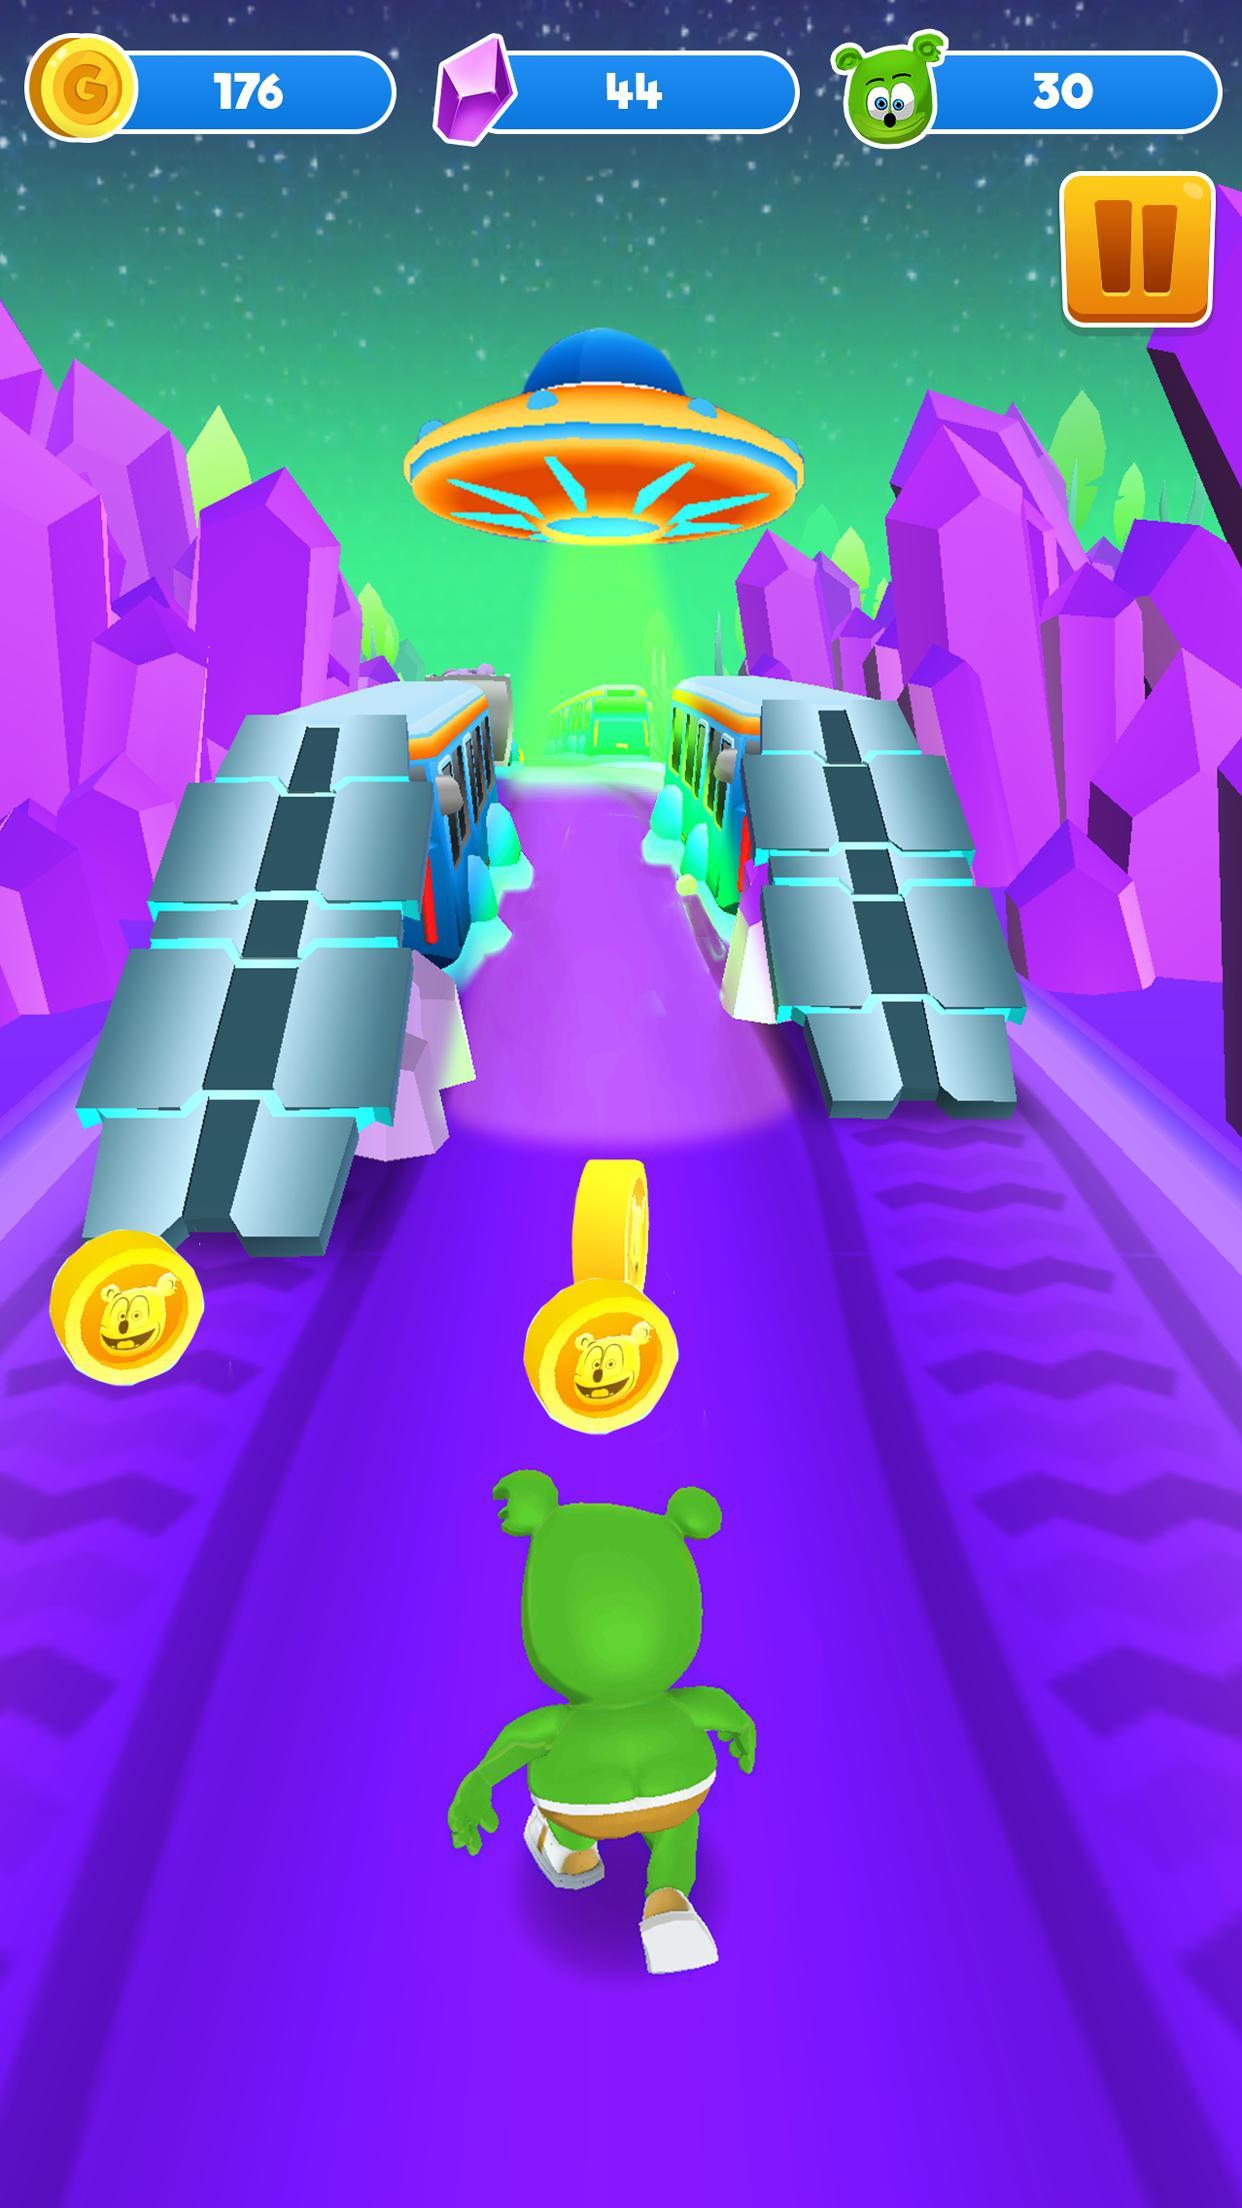 Gummy Bear Running - Endless Runner 2020 1.2.10 Screenshot 3